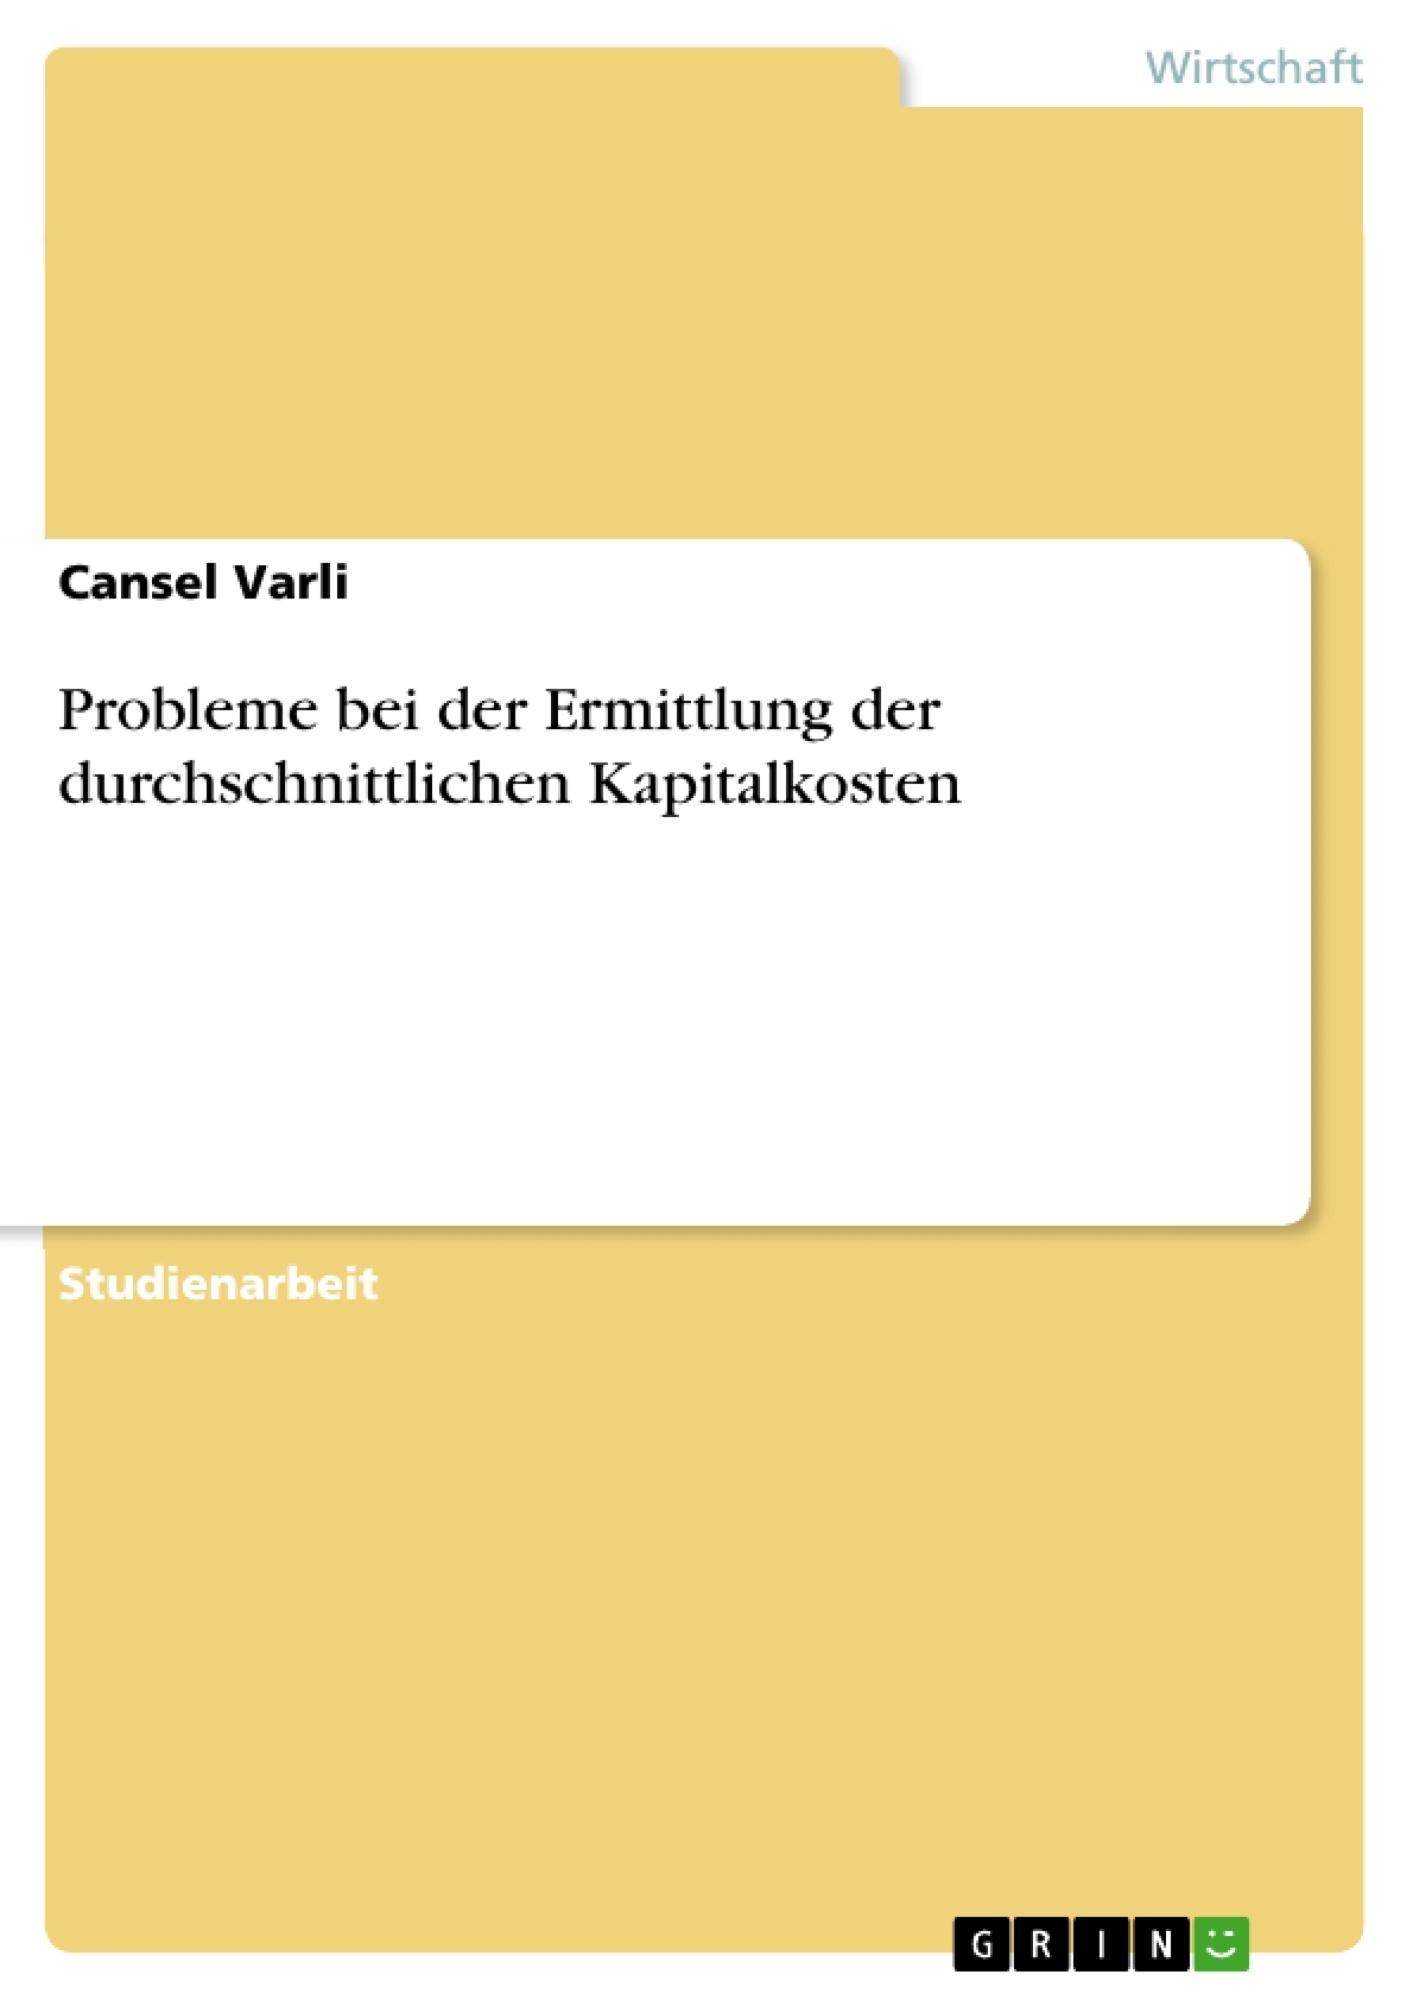 Titel: Probleme bei der Ermittlung der durchschnittlichen Kapitalkosten